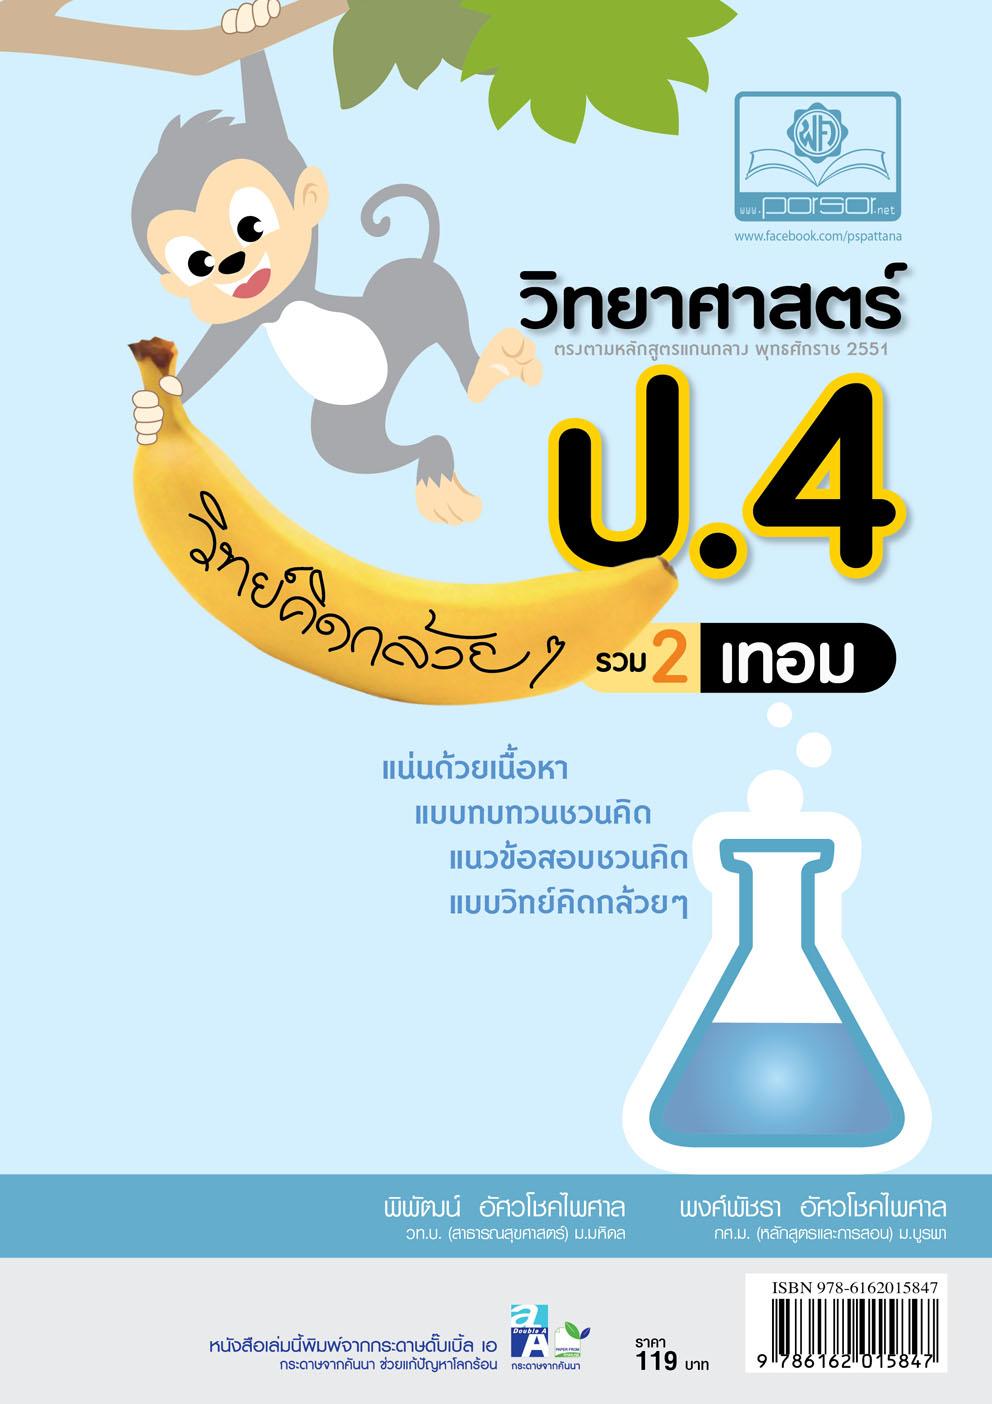 วิทย์คิดกล้วยๆ วิทยาศาสตร์ ป.4 รวม 2 เทอม